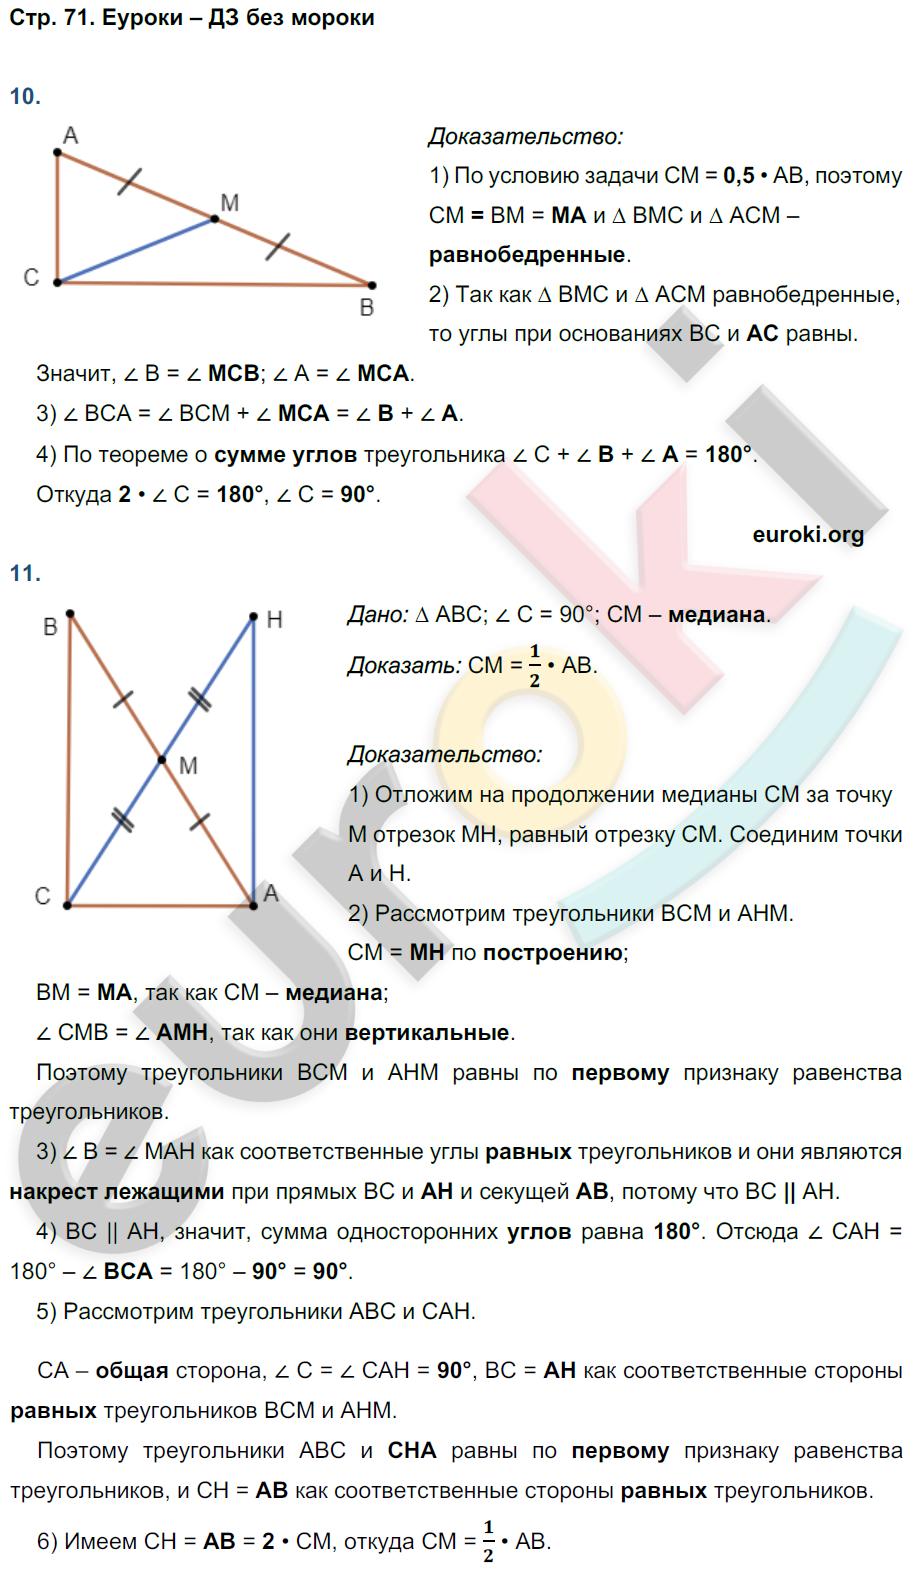 ГДЗ по геометрии 7 класс рабочая тетрадь Глазков, Камаев. К учебнику Атанасяна. Задание: стр. 71